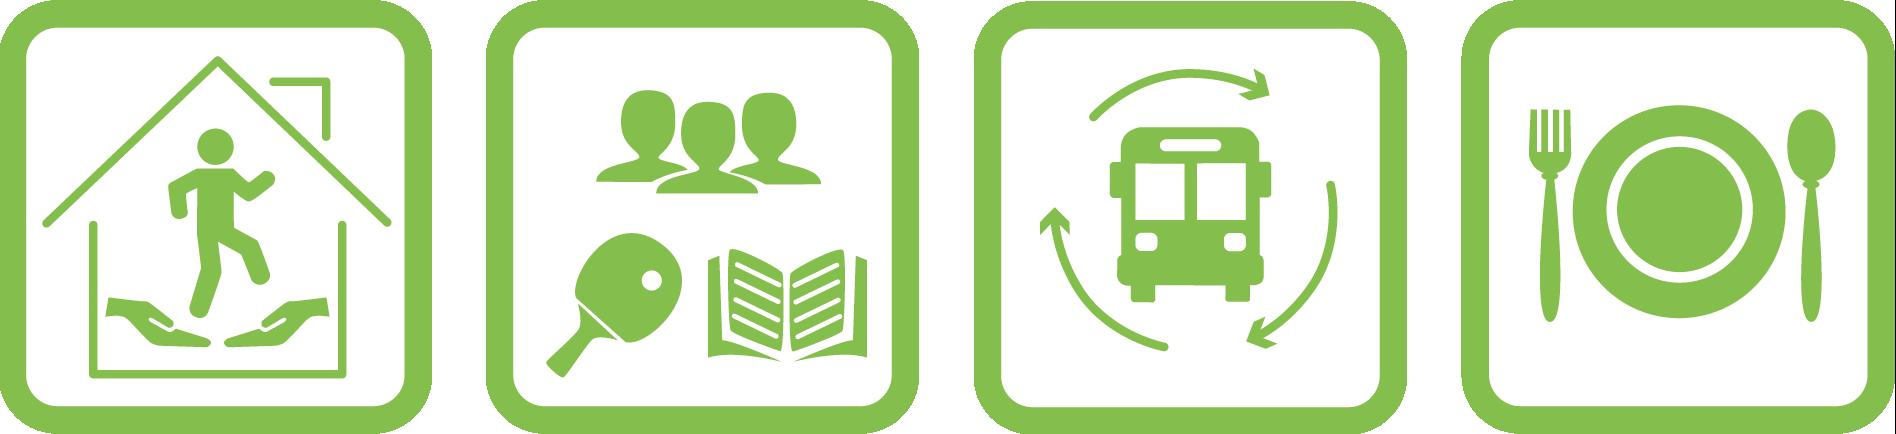 Icons zur besseren Visualisierung der Einrichtungsangebote